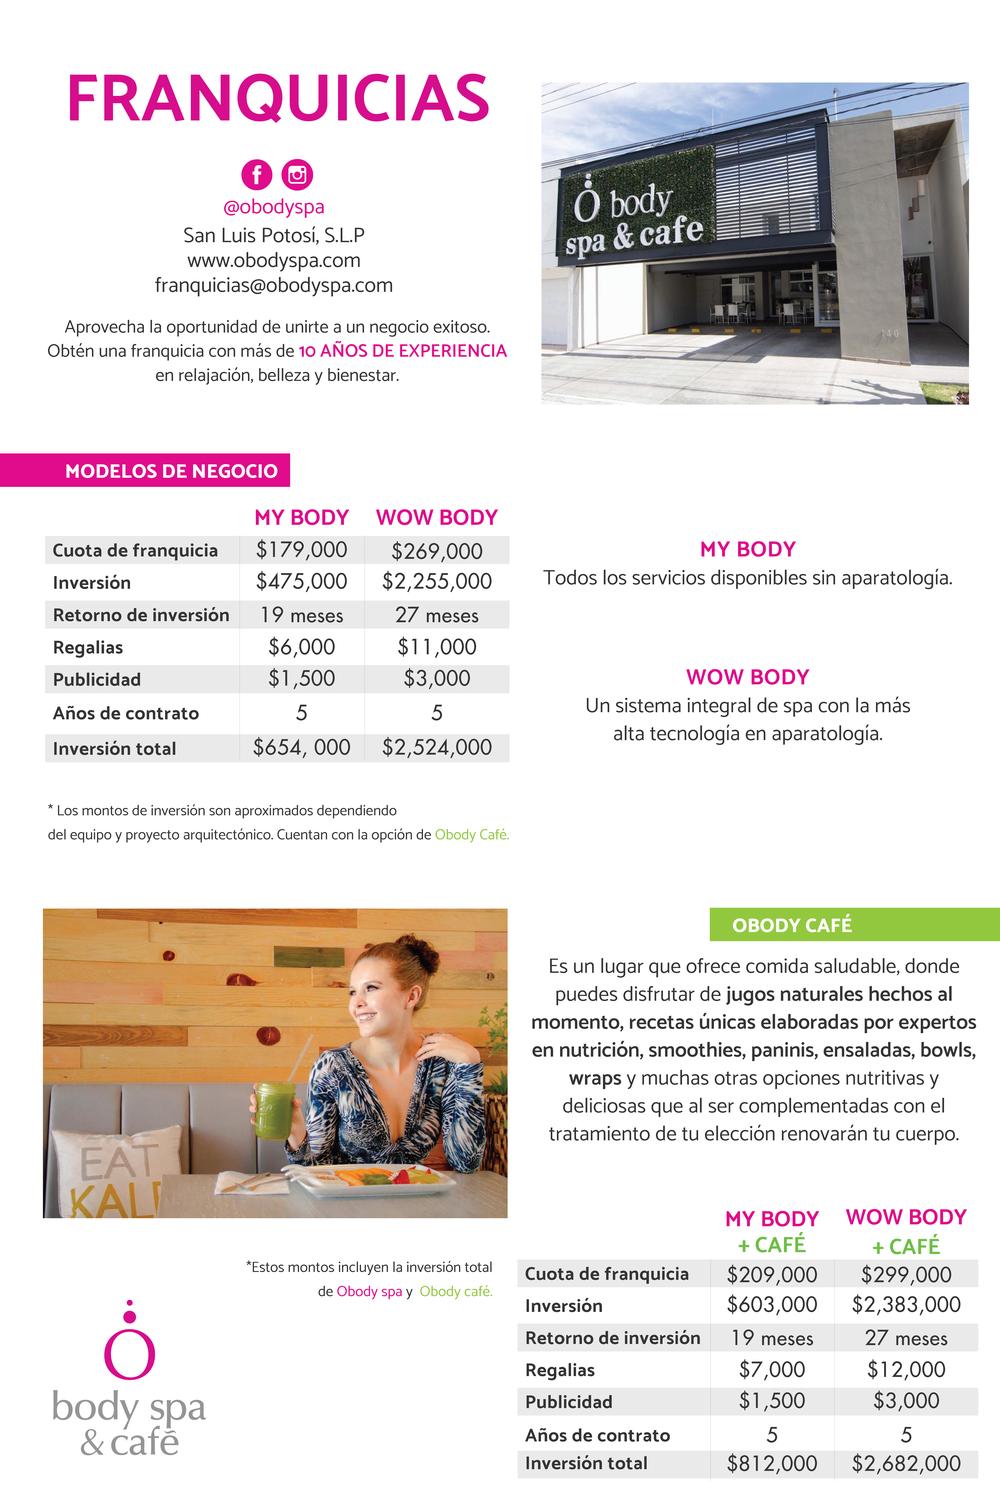 Franquicias Pagina web-01.png